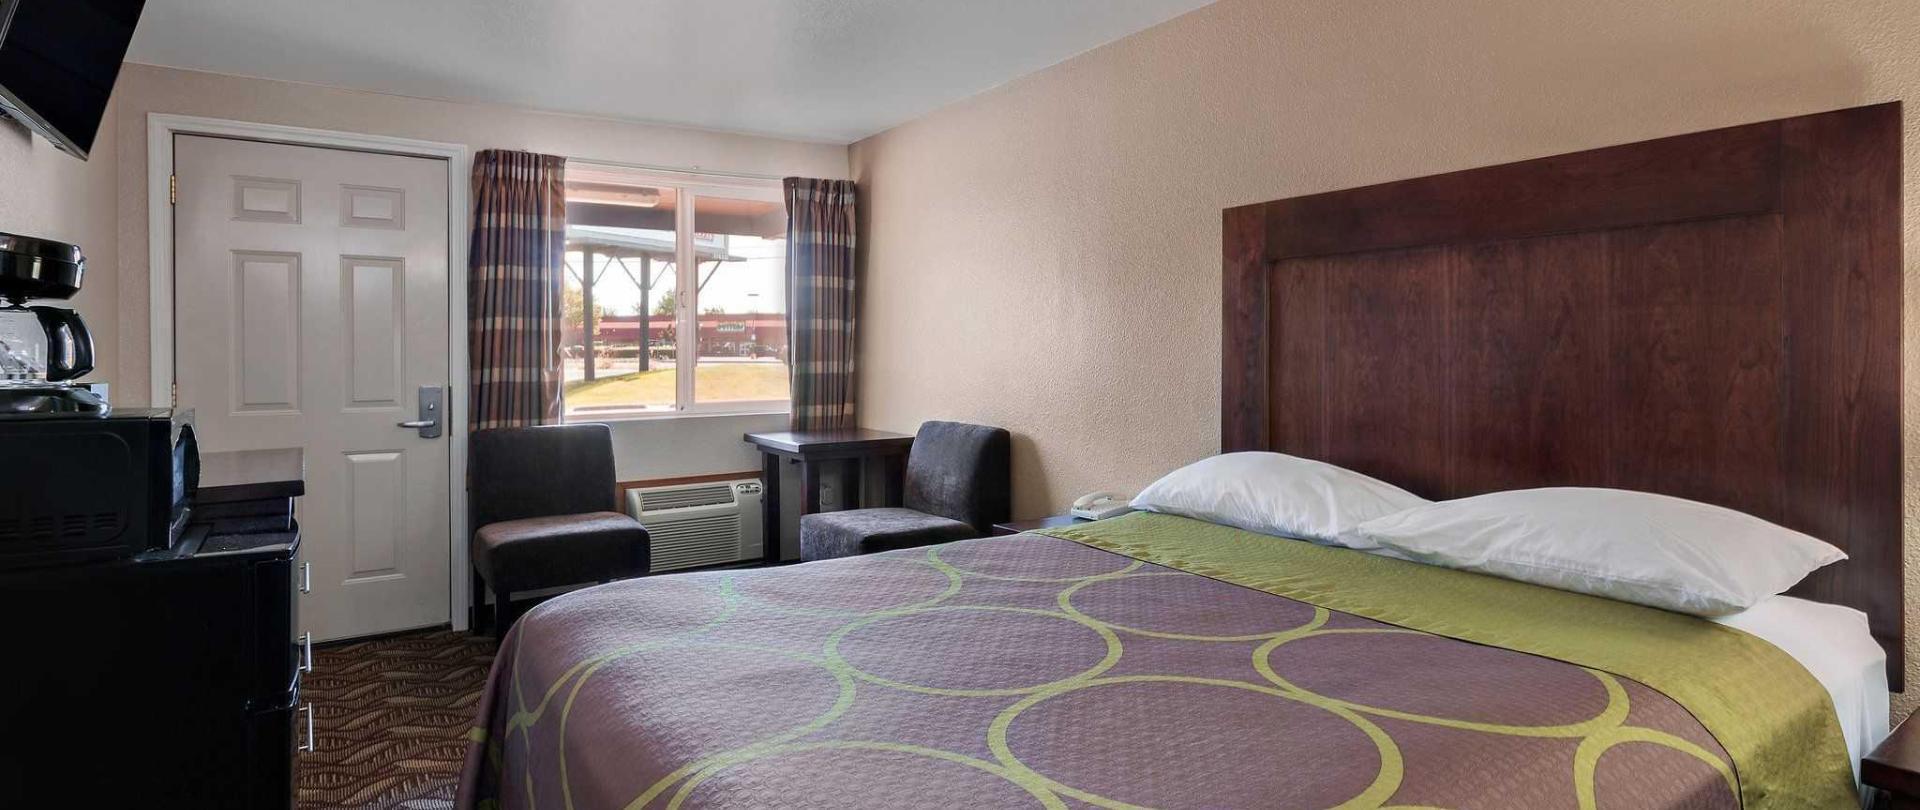 single_bed_guestroom.jpg